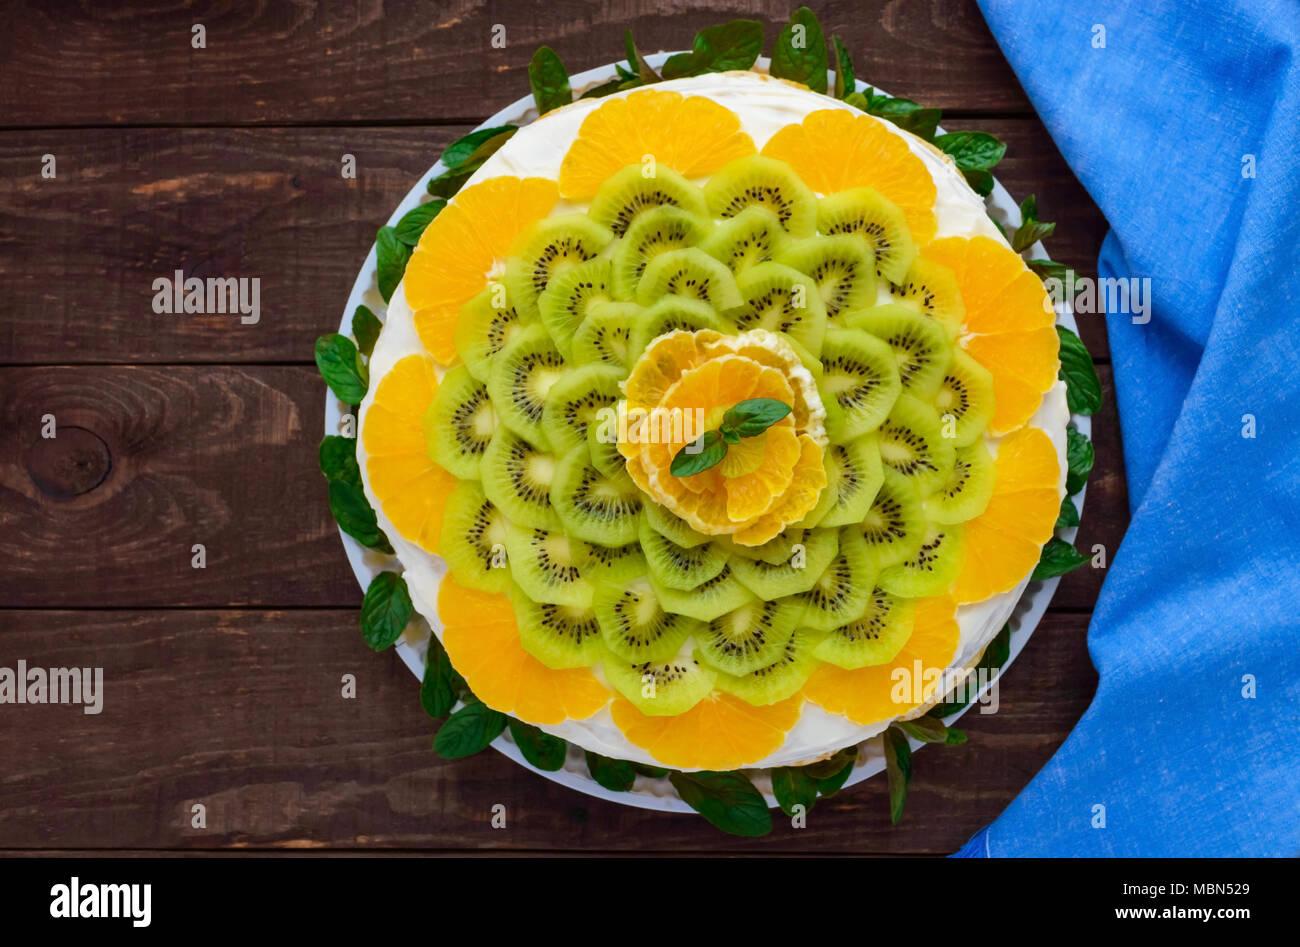 Brillante Rotondo frutta festosa torta decorata con kiwi, arancio, menta. La vista dall'alto. Immagini Stock